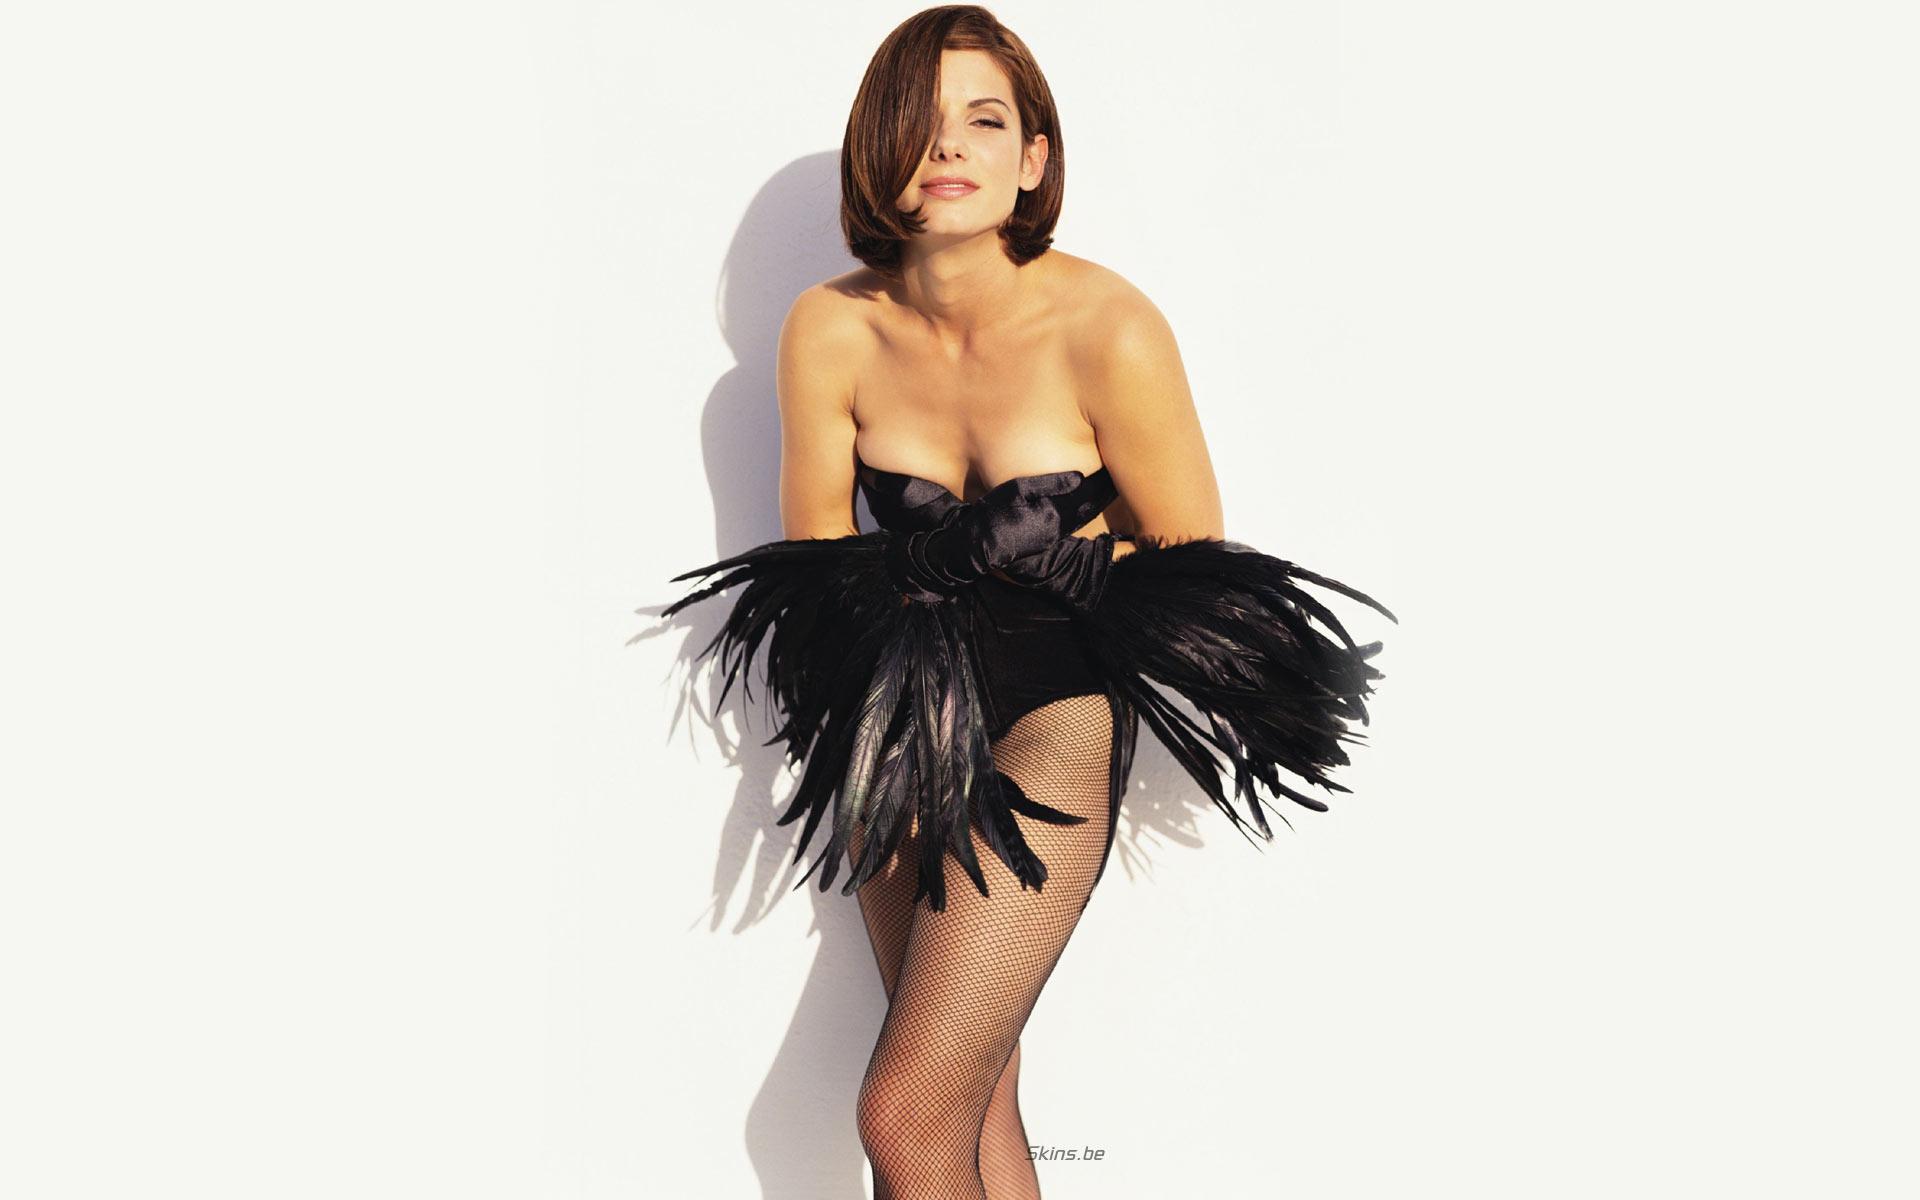 Sandra model nude pics nackt scene